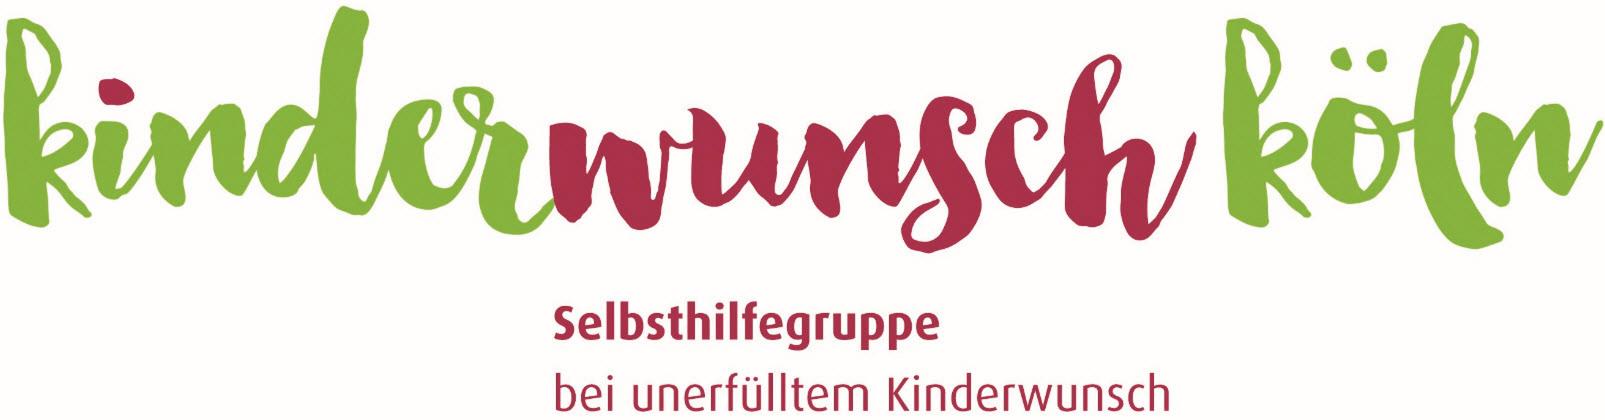 Kinderwunsch Köln - Selbsthilfegruppe für Frauen mit unerfülltem Kinderwunsch